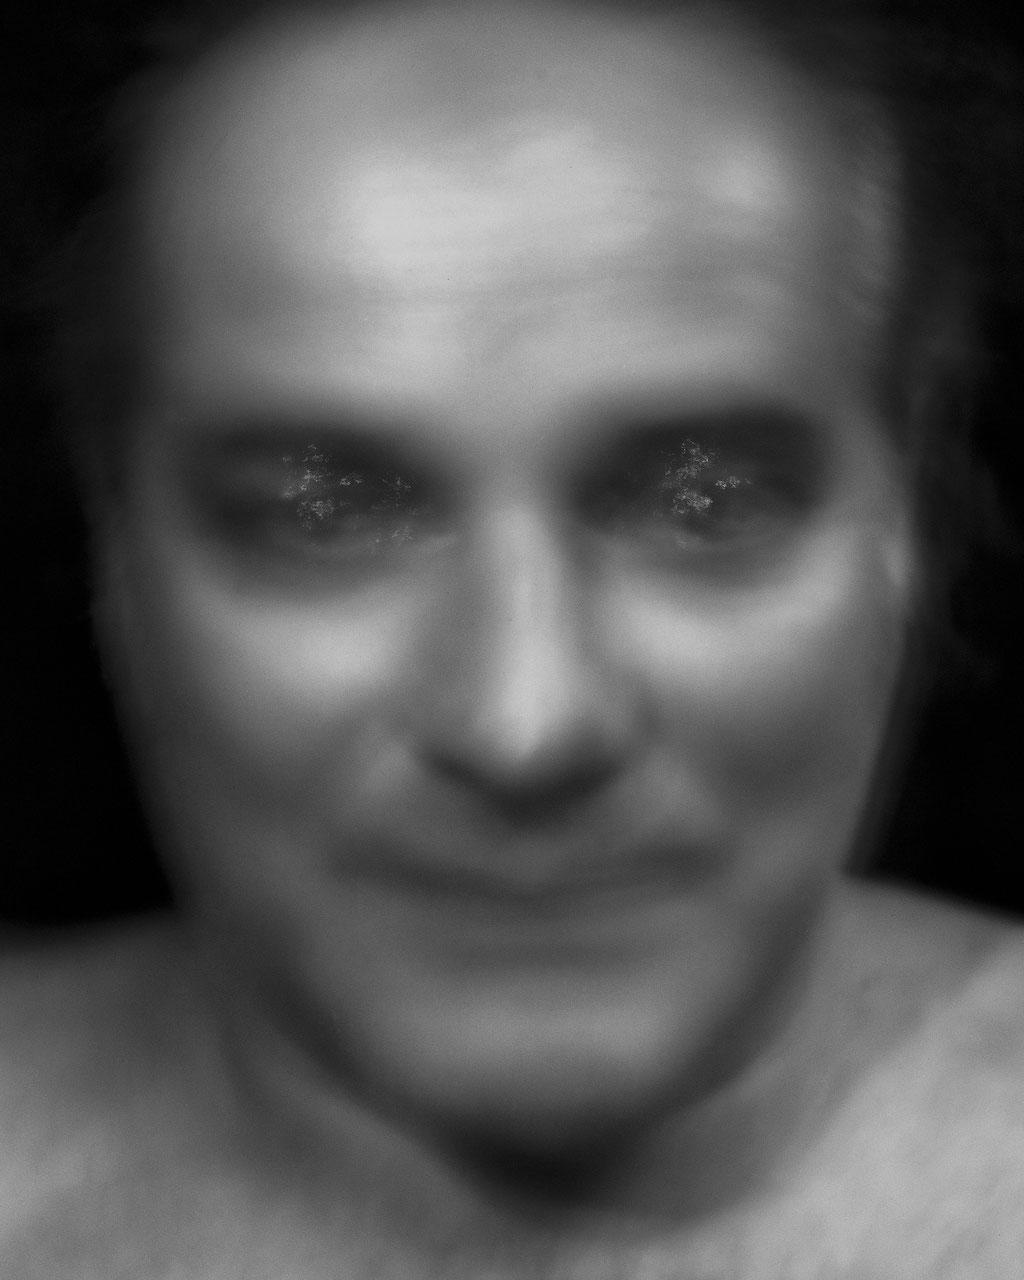 Daniel, Langzeitbelichtung von über 40 Minuten, 2011  belichtet auf 8 x 10inch Negativmaterial, Pigmentdruck auf Büttenpapier, Grösse variabel